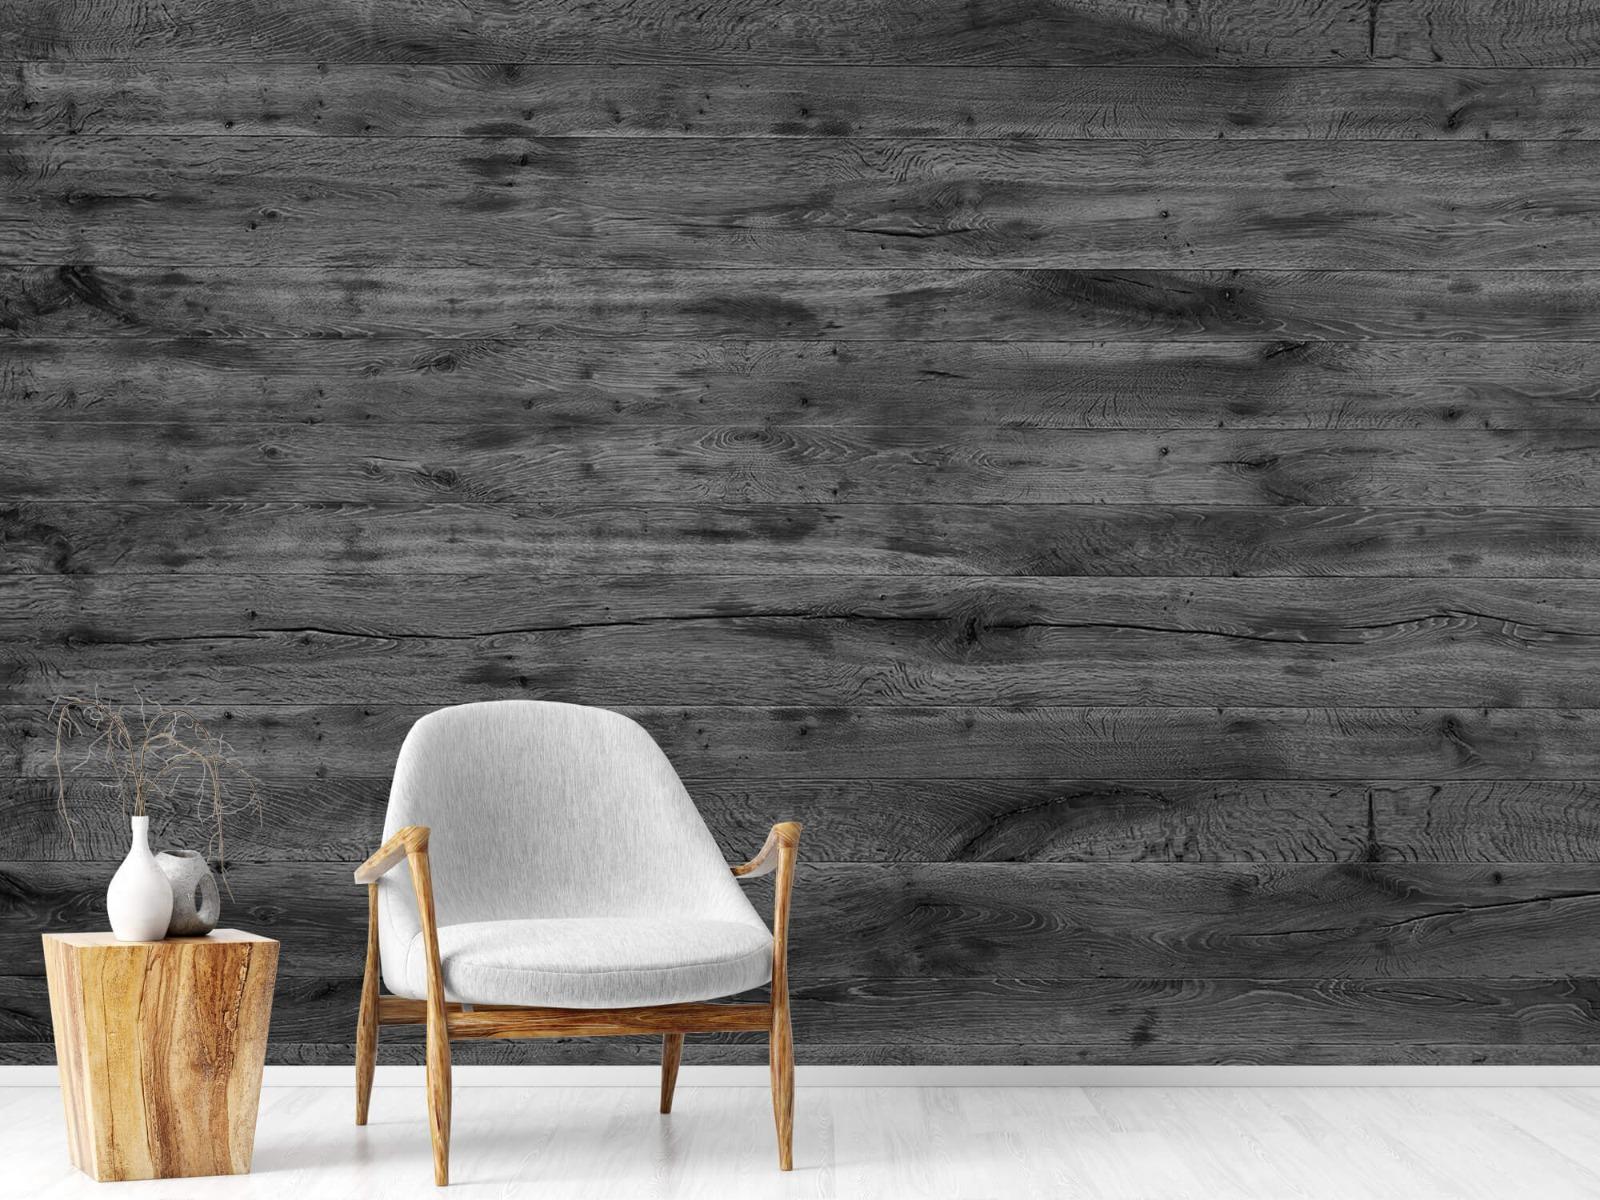 Hout behang - Grijze houten planken - Directie 19